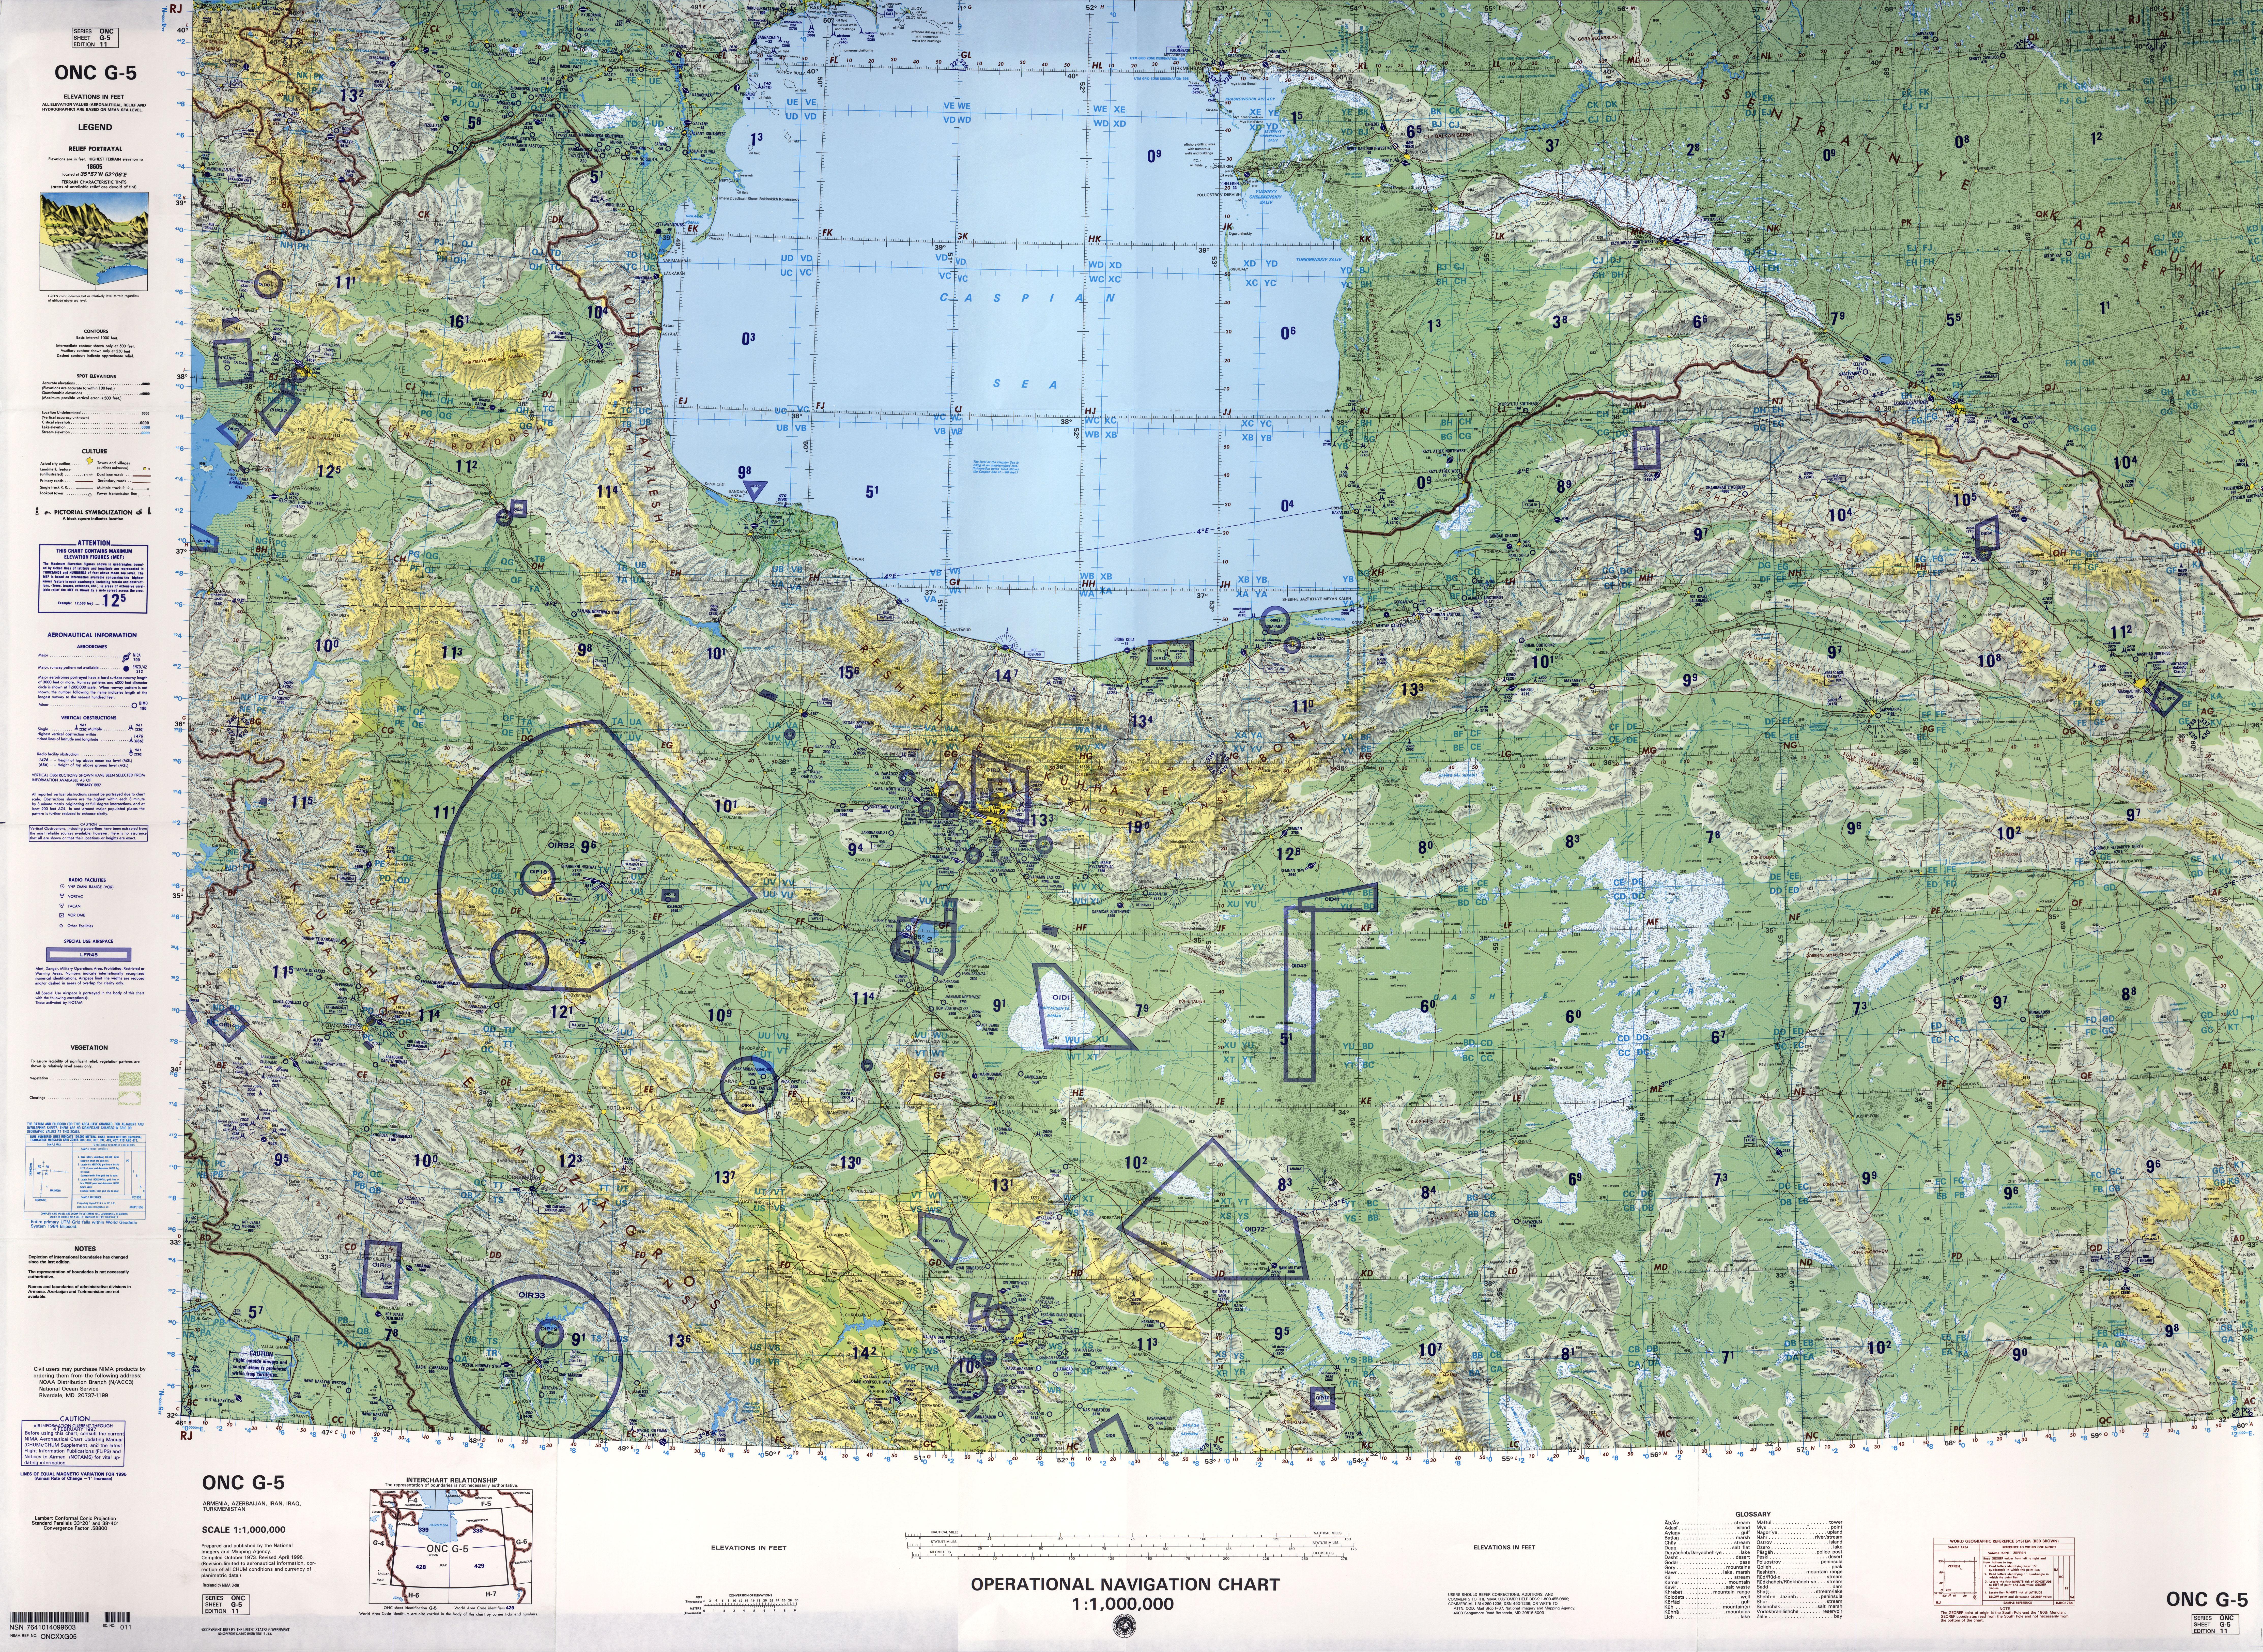 Download free iran maps onc g 5 gumiabroncs Choice Image